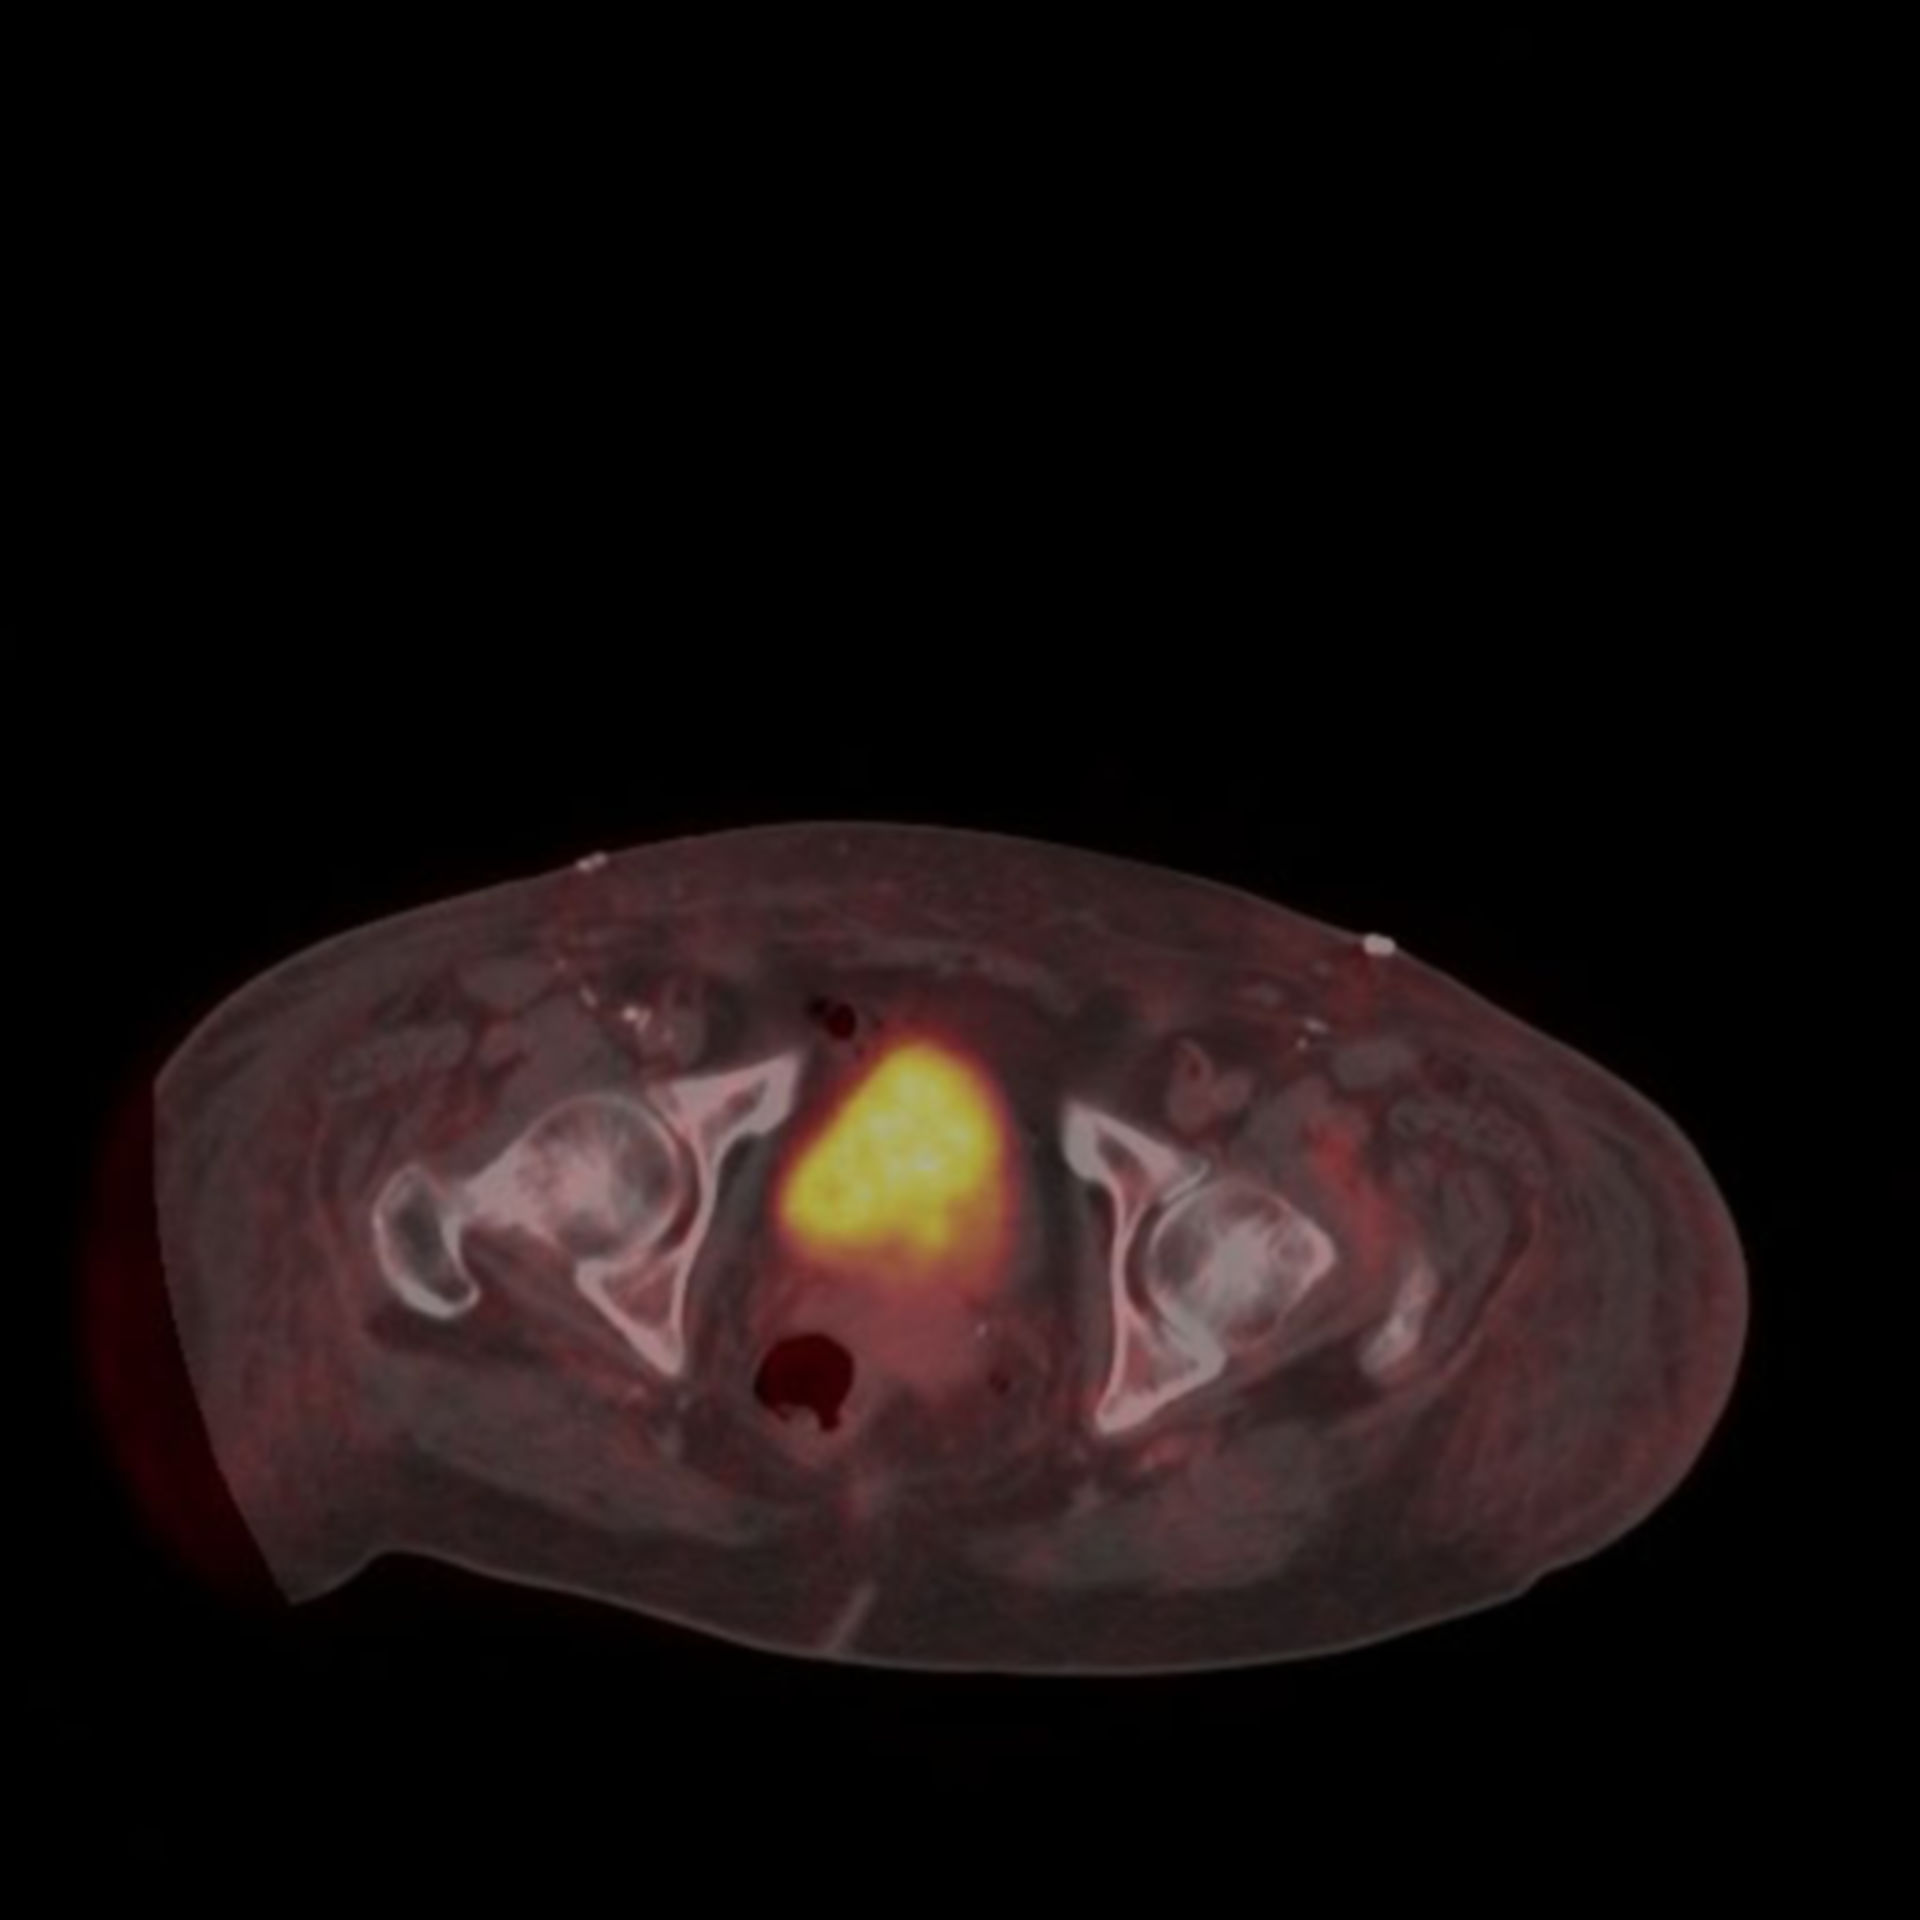 bildgebendes Verfahren, PET Scan Gallenblase